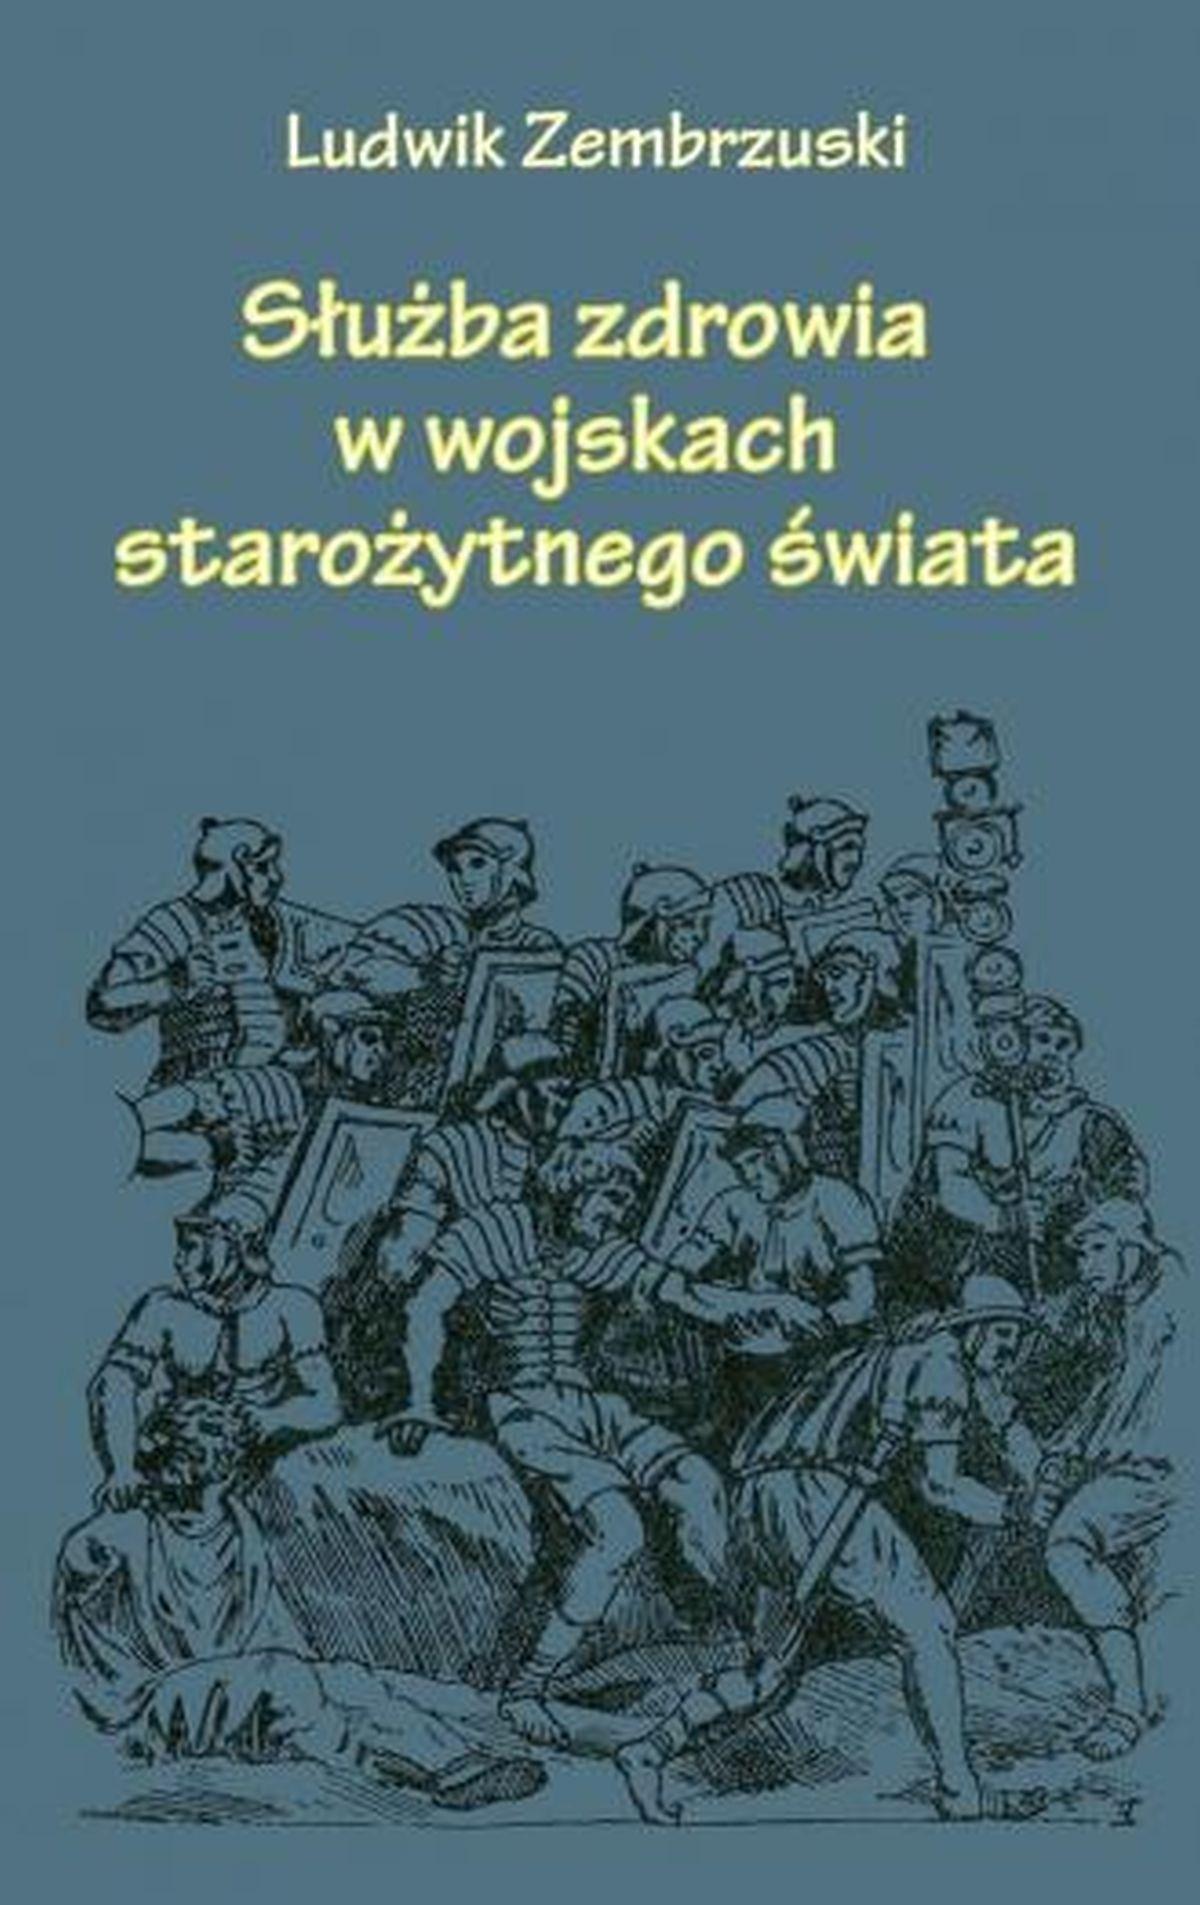 Ludwik Zembrzuski, Służba zdrowia w wojskach starożytnego świata